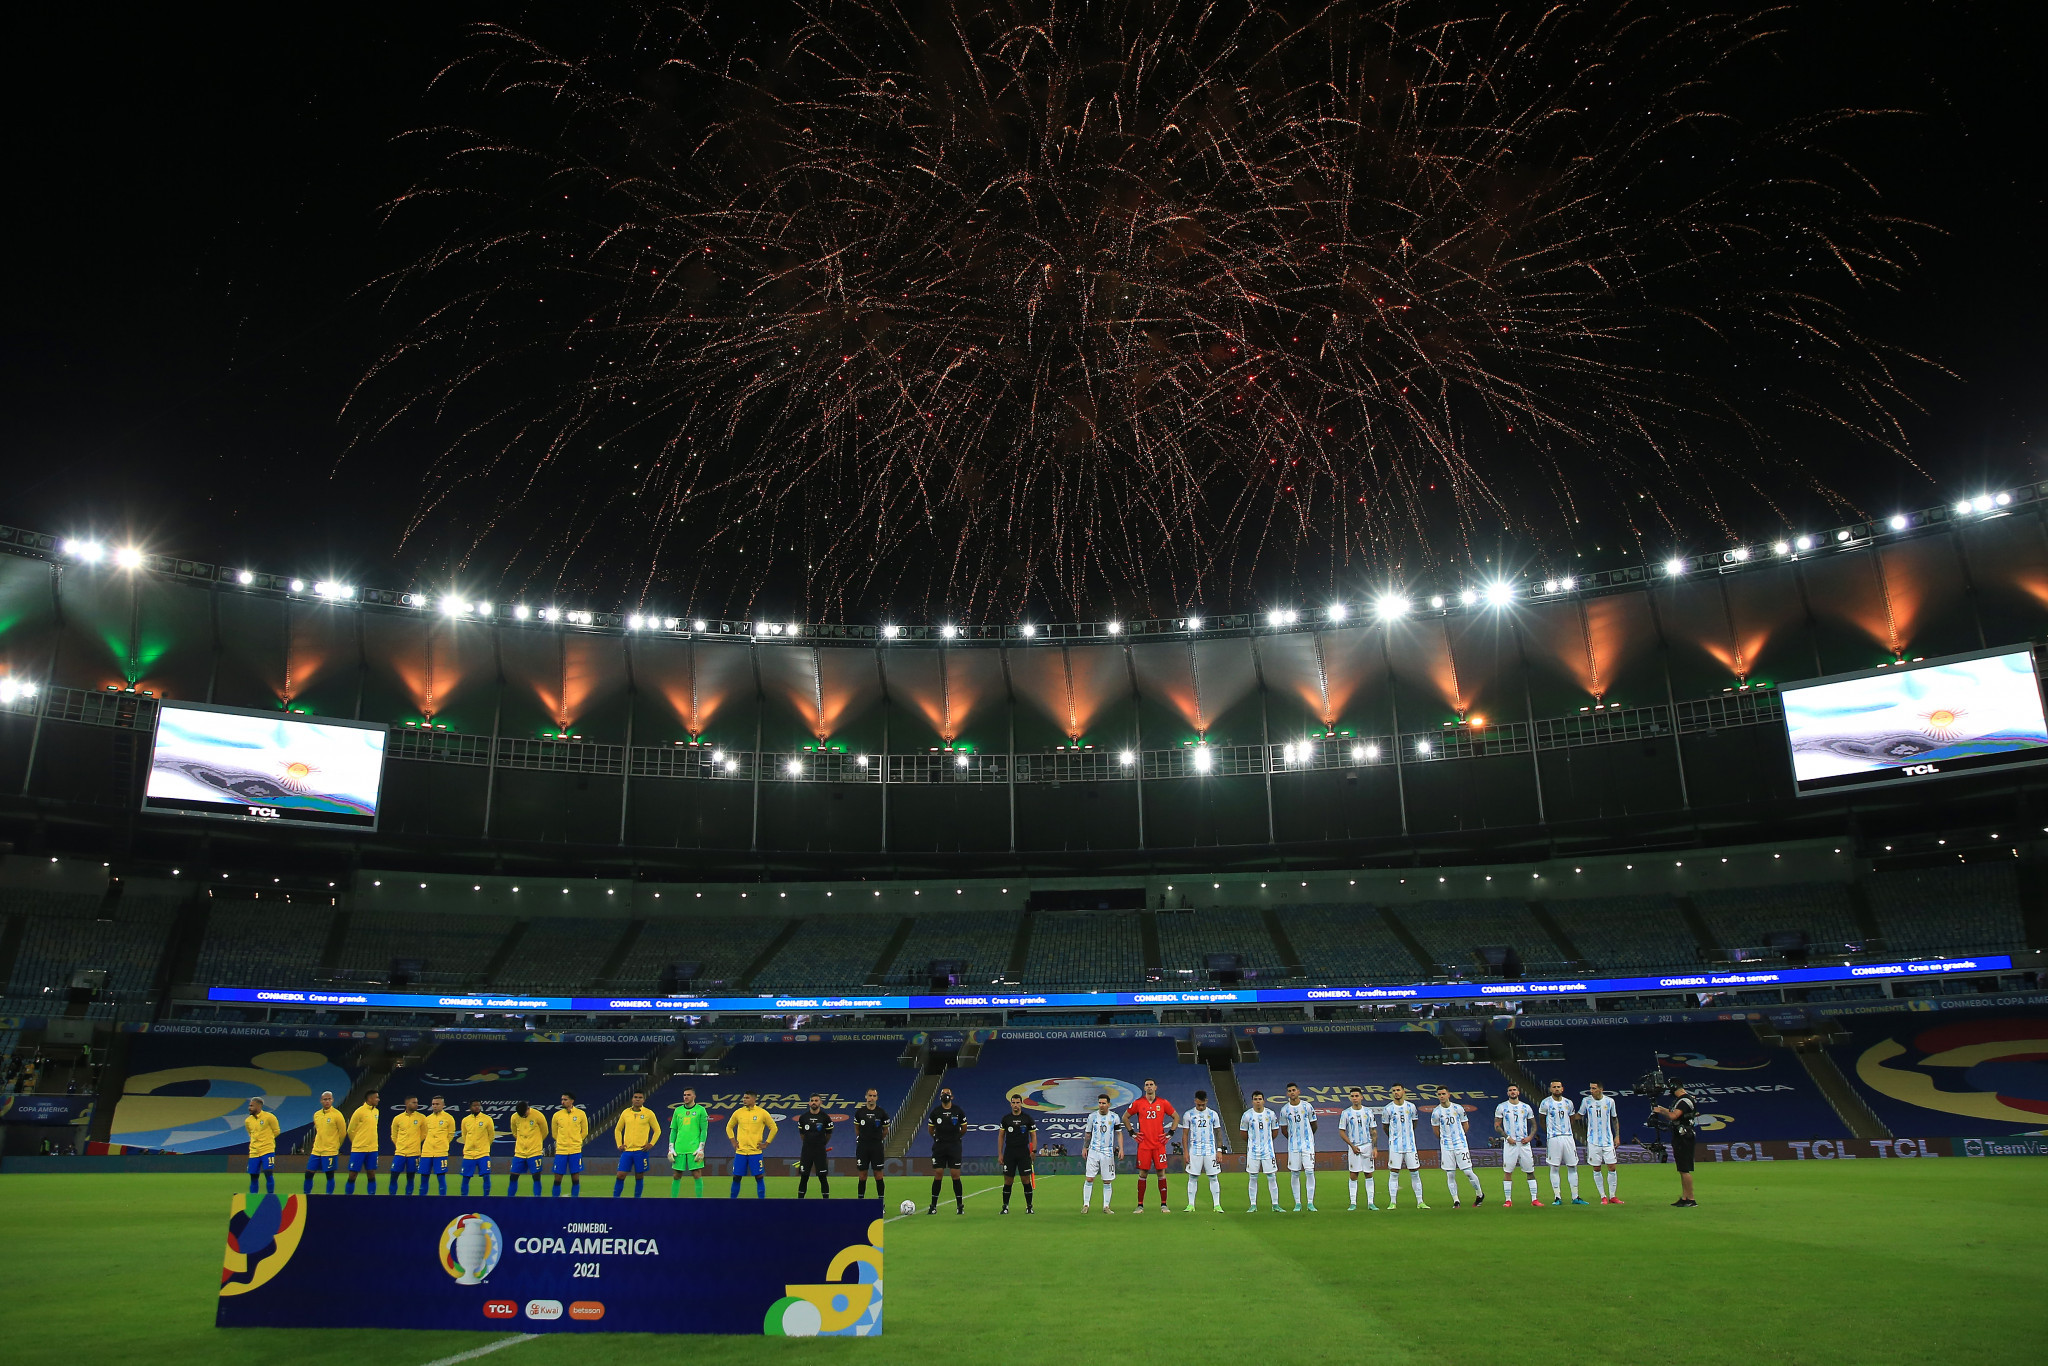 La Copa América 2021 también se vio afectada por el COVID-19, que se movió dos veces y casi la final se jugó a puerta cerrada © Getty Images